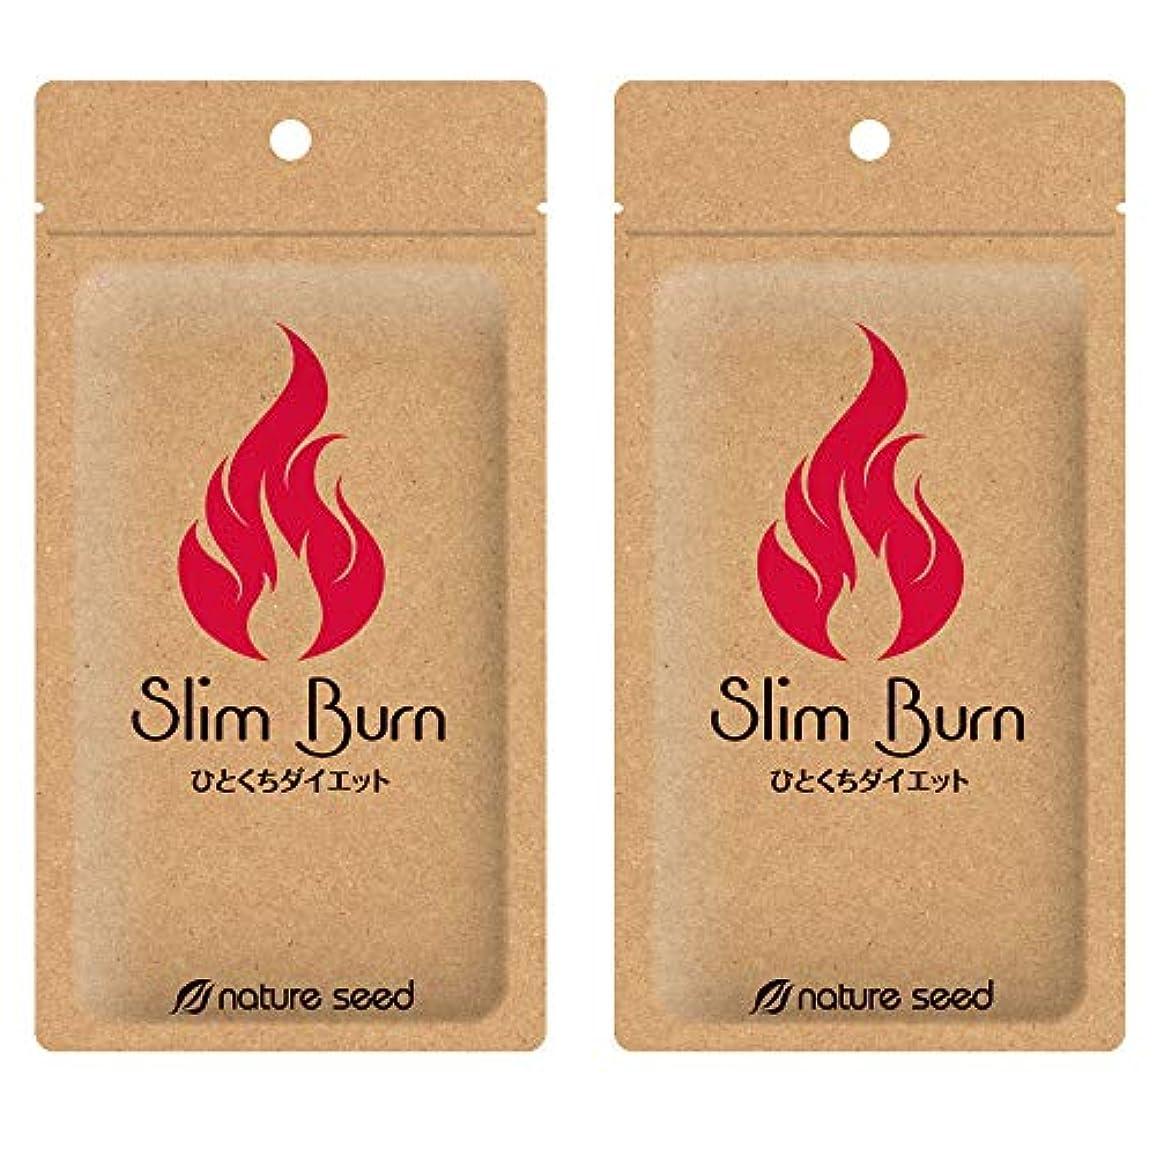 切手感謝しているかなり[燃焼サプリ]ダイエット 脂肪燃焼 くびれメイクをサポート サプリメント スリムバーン 2袋(約60日分)